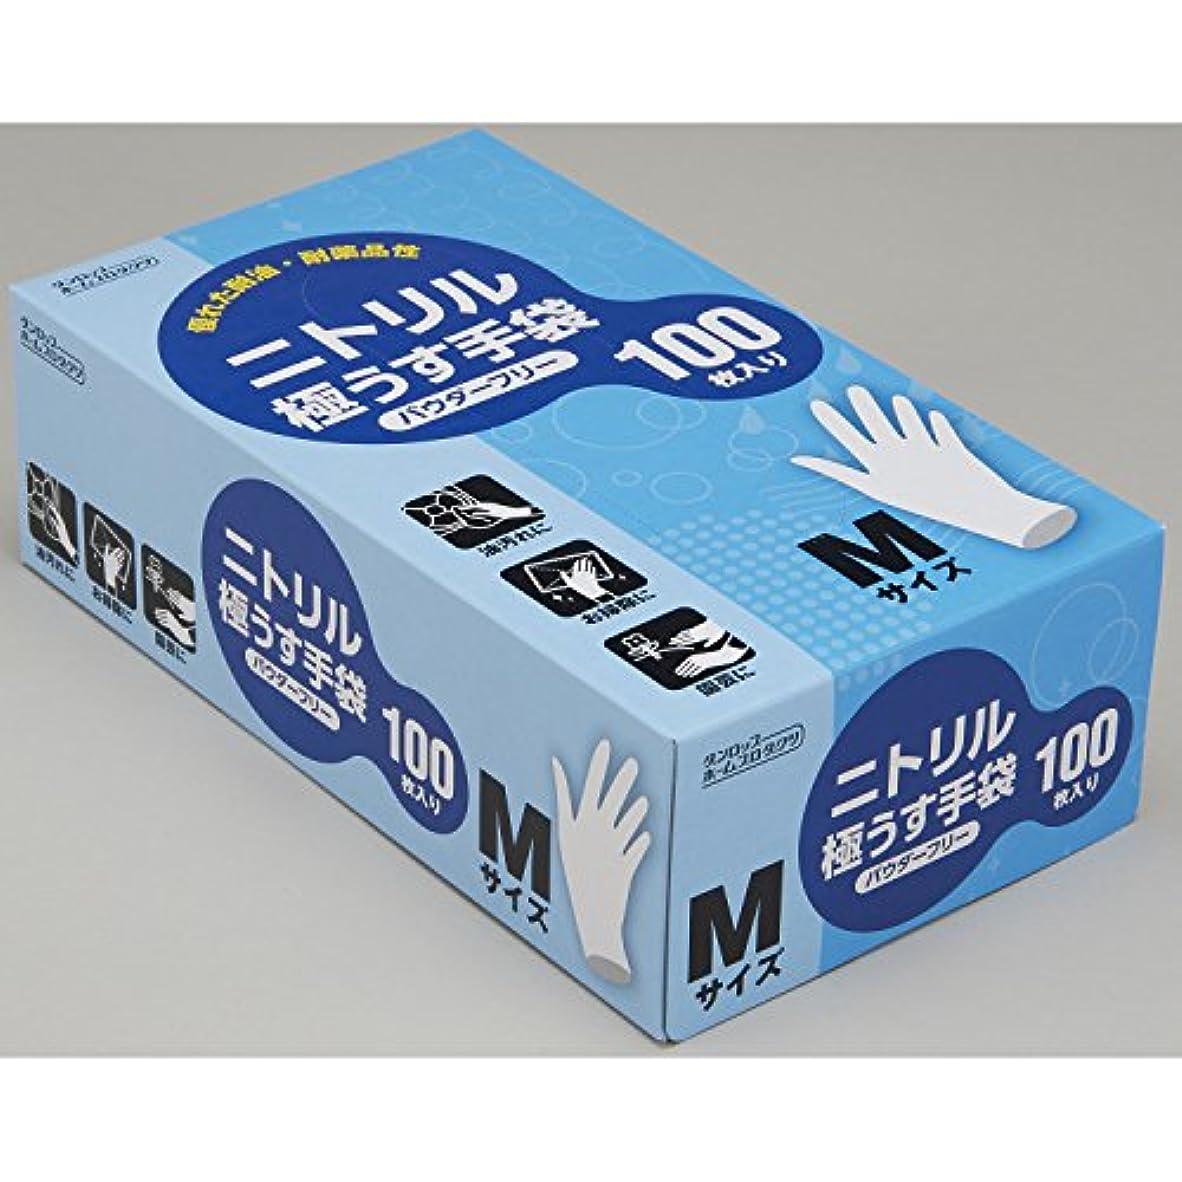 消費するポスター影響力のあるダンロップ ホームプロダクツ ゴム手袋 ニトリル 極薄 パウダーフリー ホワイト M 介護 お掃除 園芸  100枚入